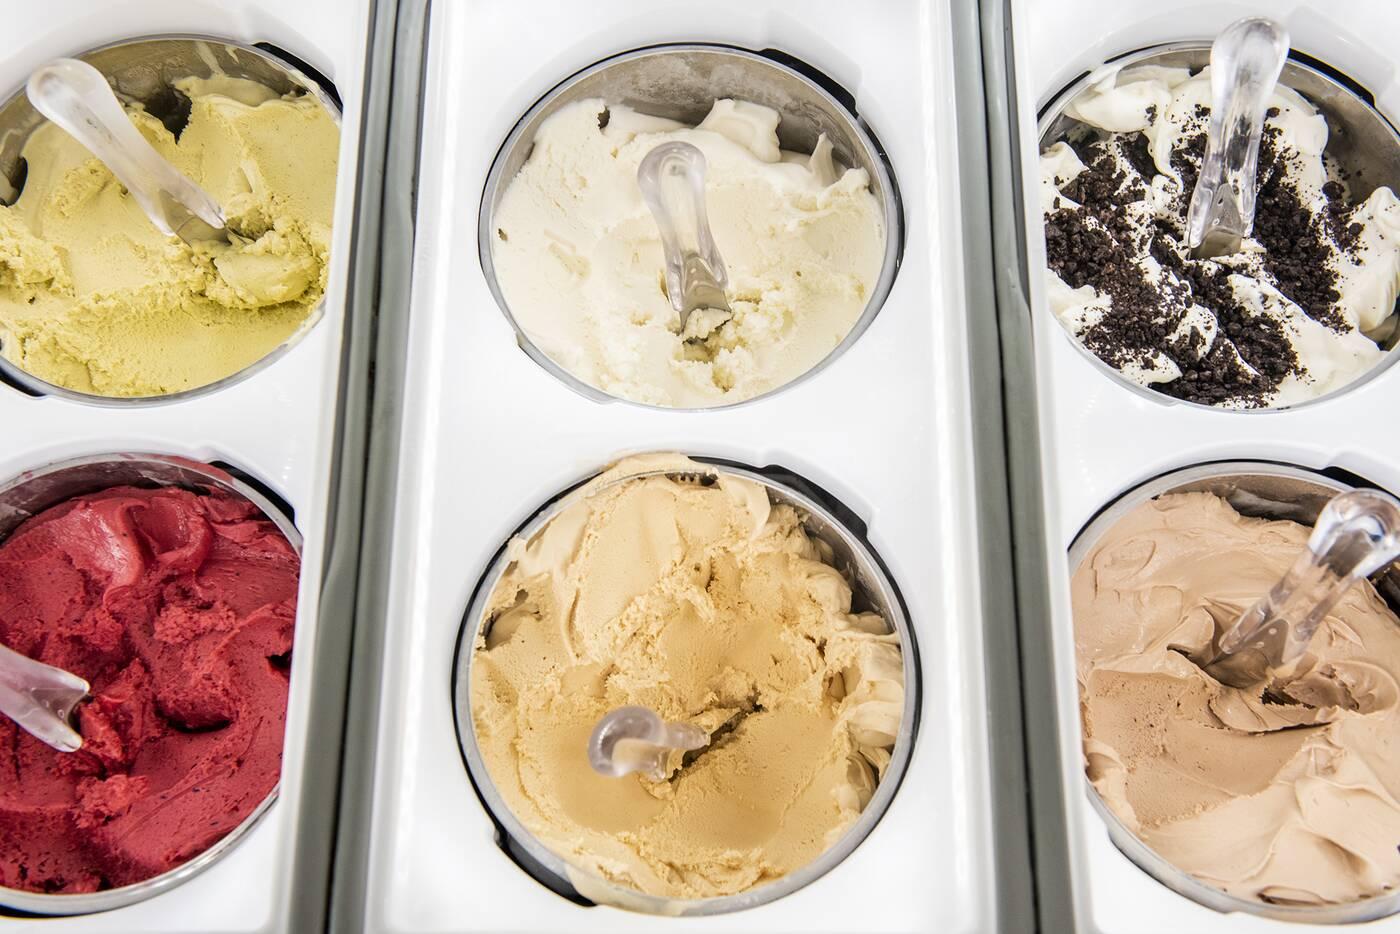 nanis gelato toronto